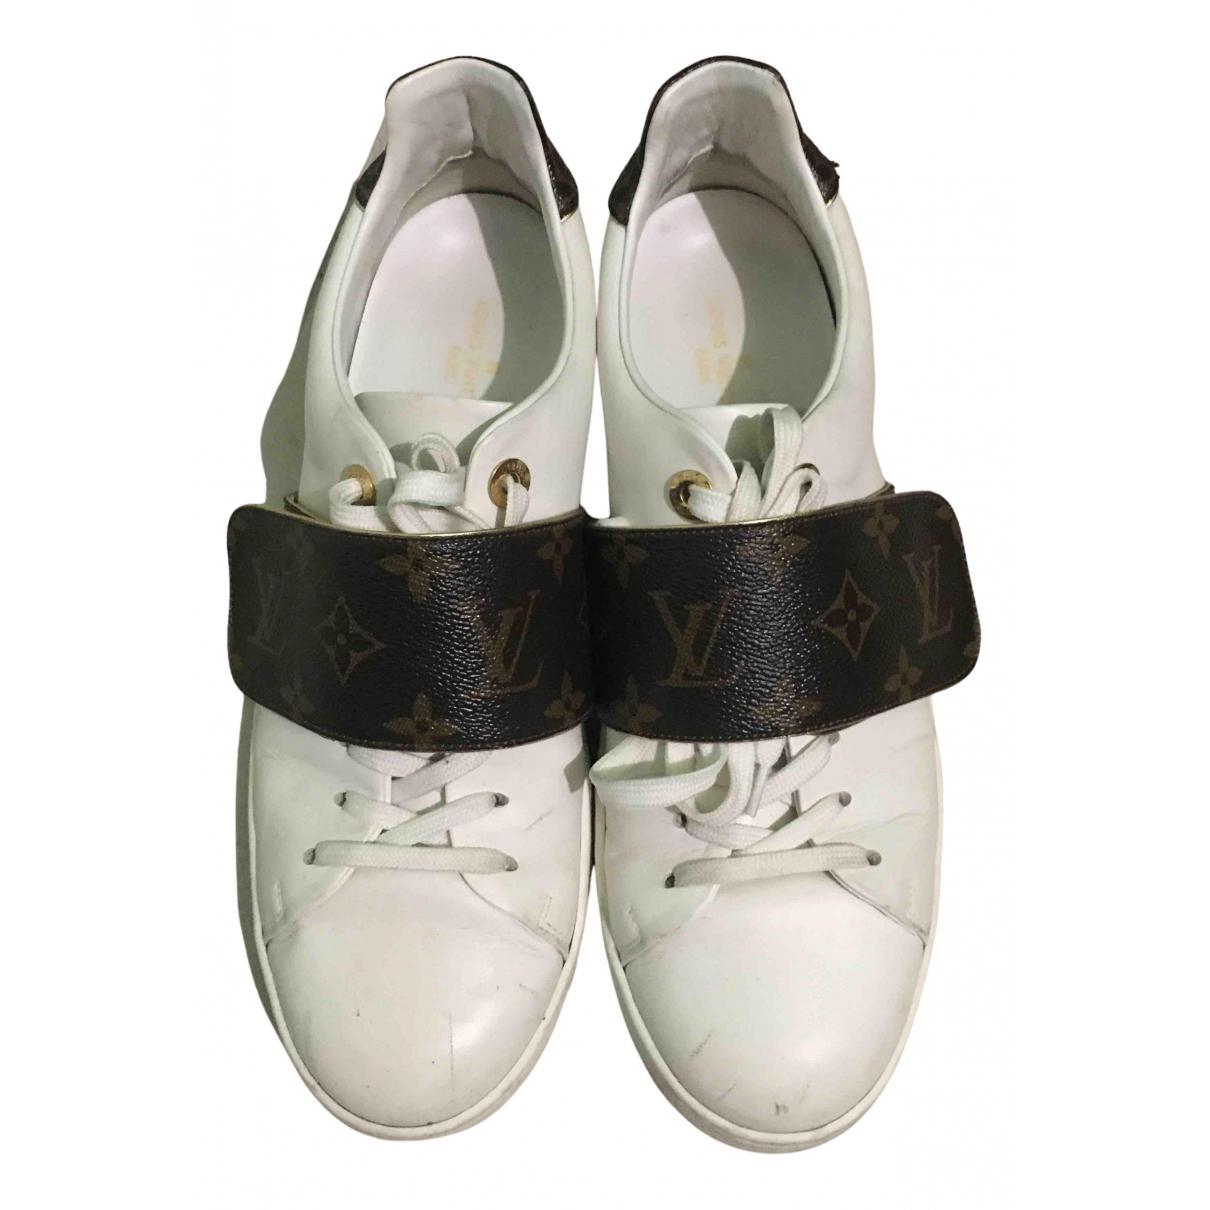 Louis Vuitton - Baskets FrontRow pour femme en cuir - blanc